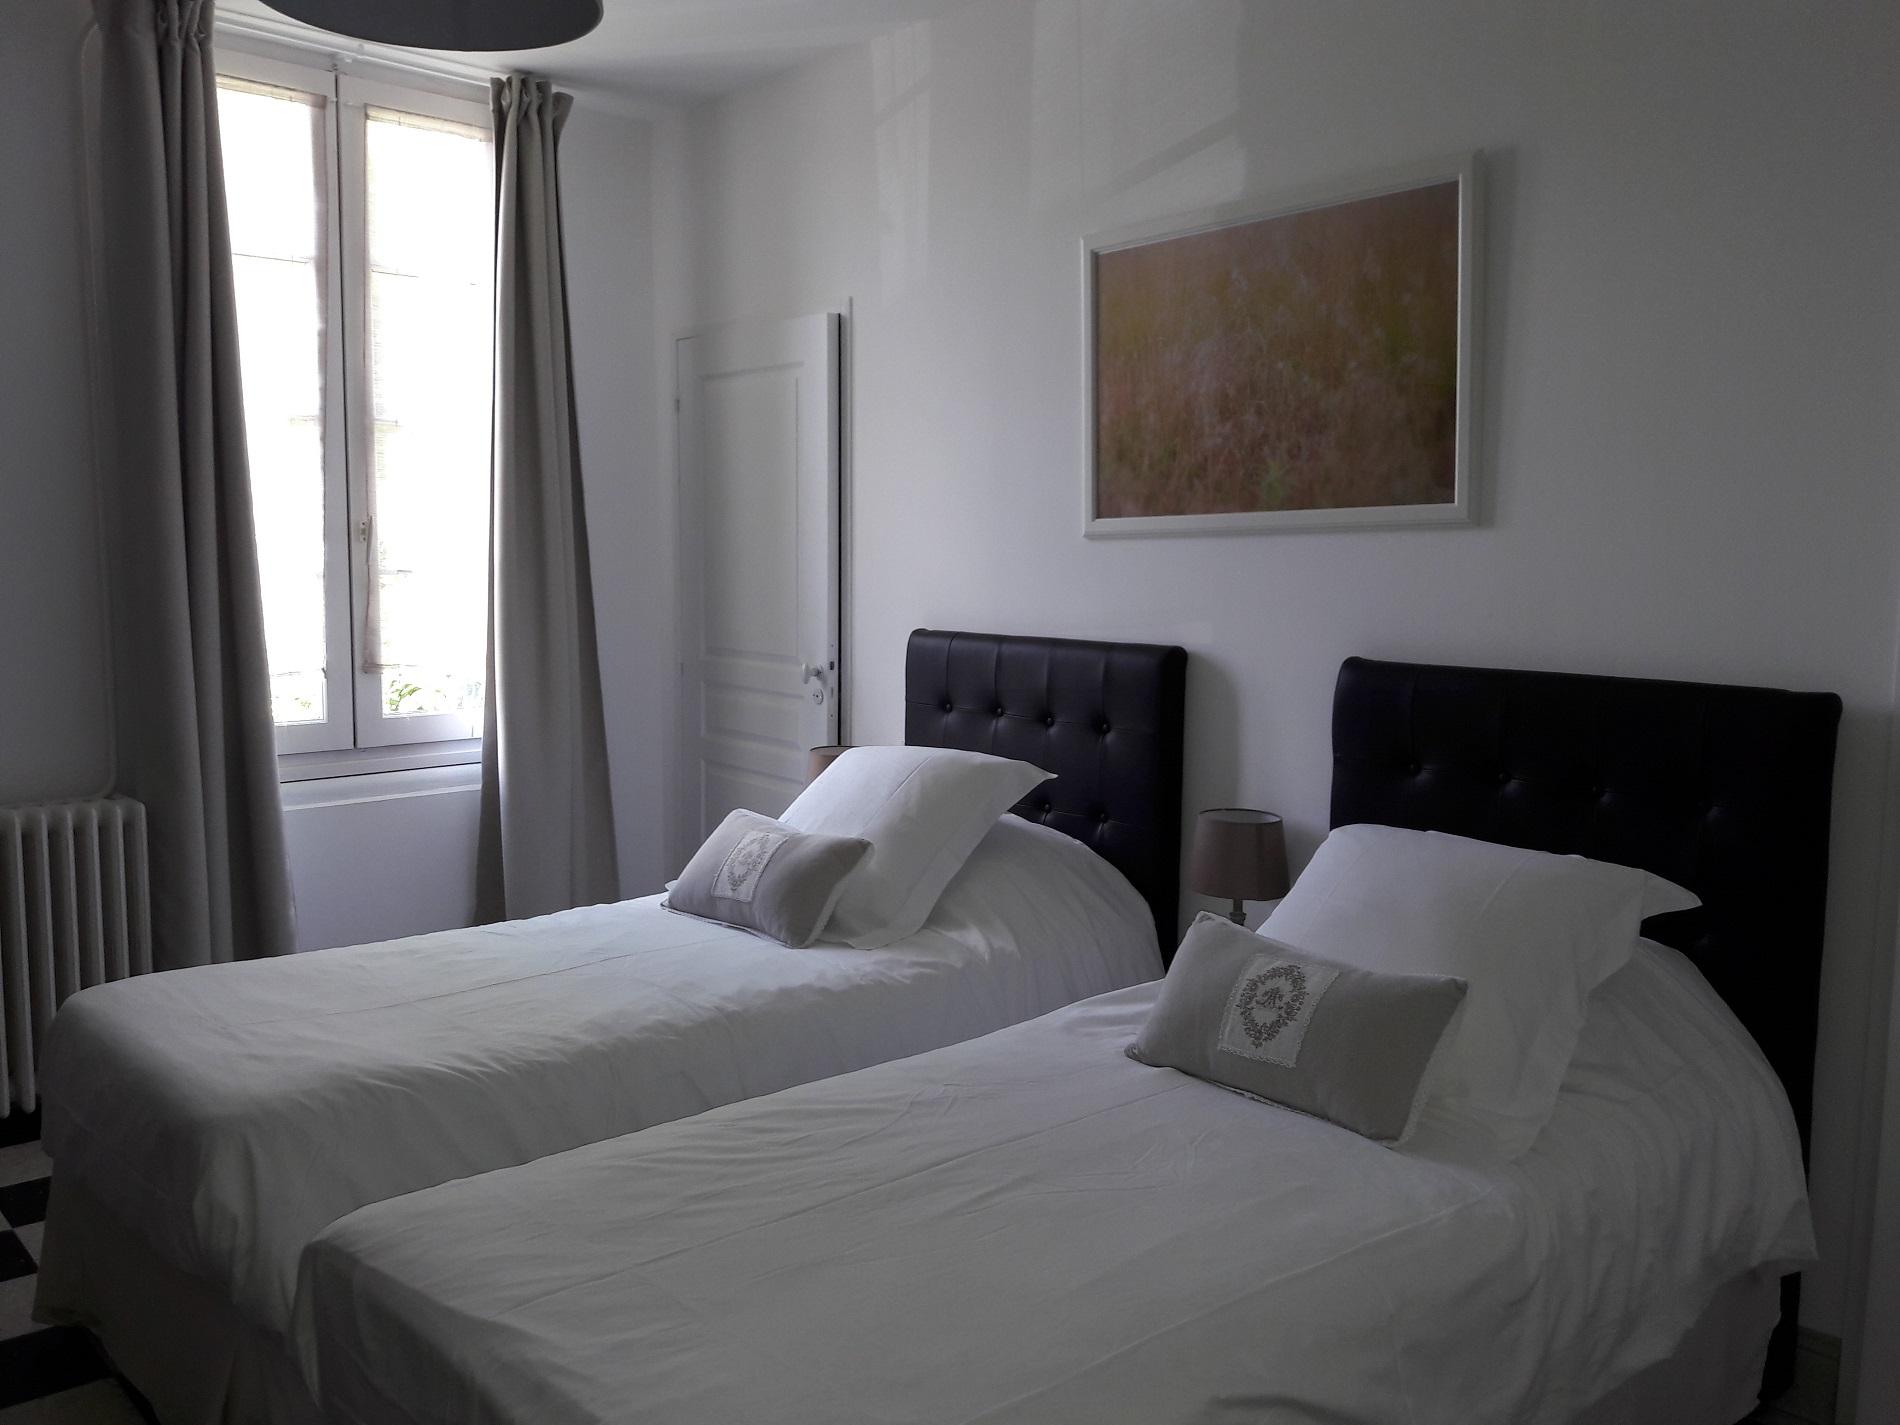 Chambres d'hotes avec lits jumeaux, literie de grand confort